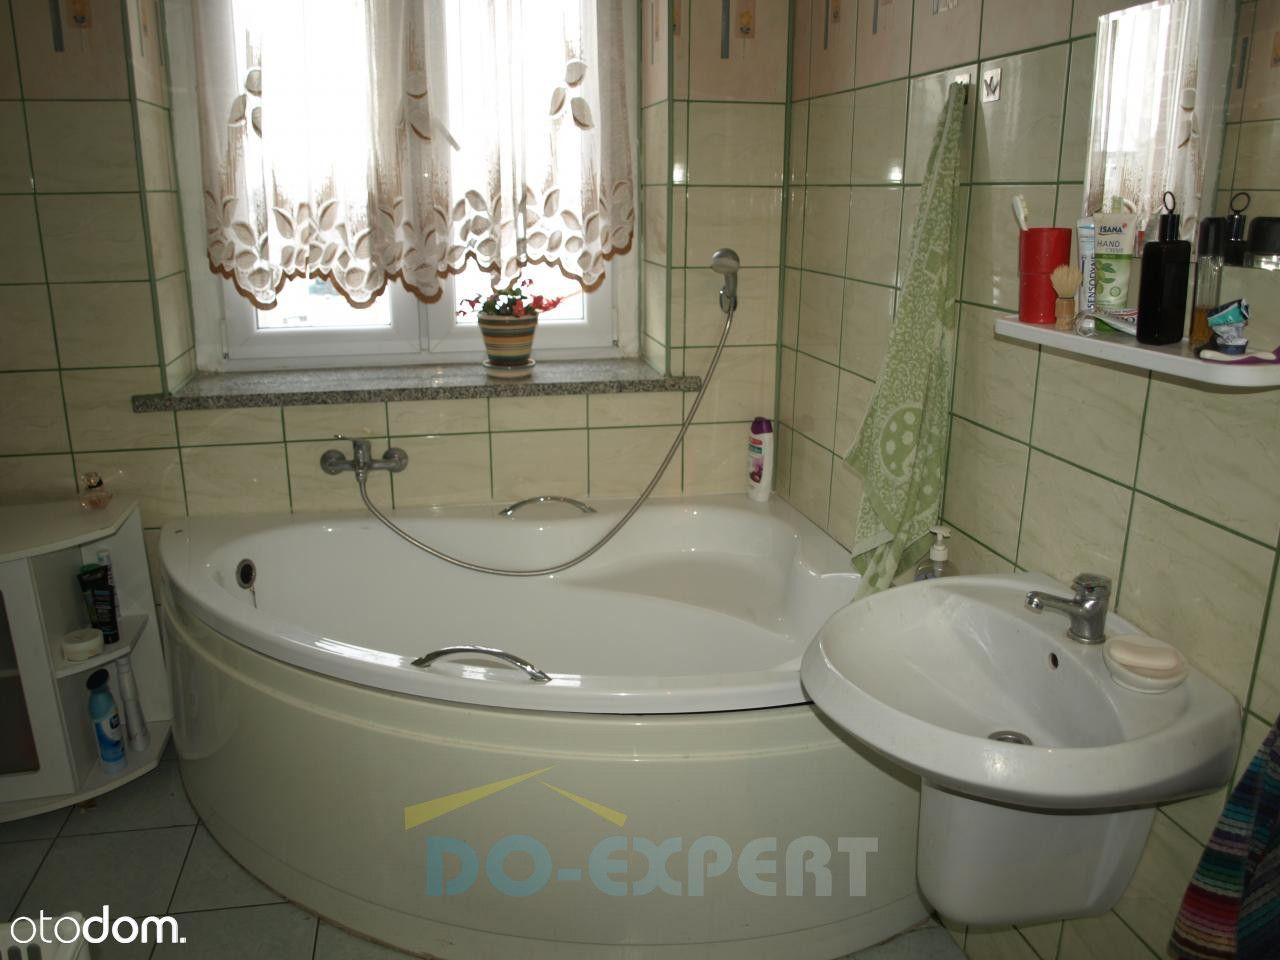 Mieszkanie na sprzedaż, Ząbkowice Śląskie, ząbkowicki, dolnośląskie - Foto 16